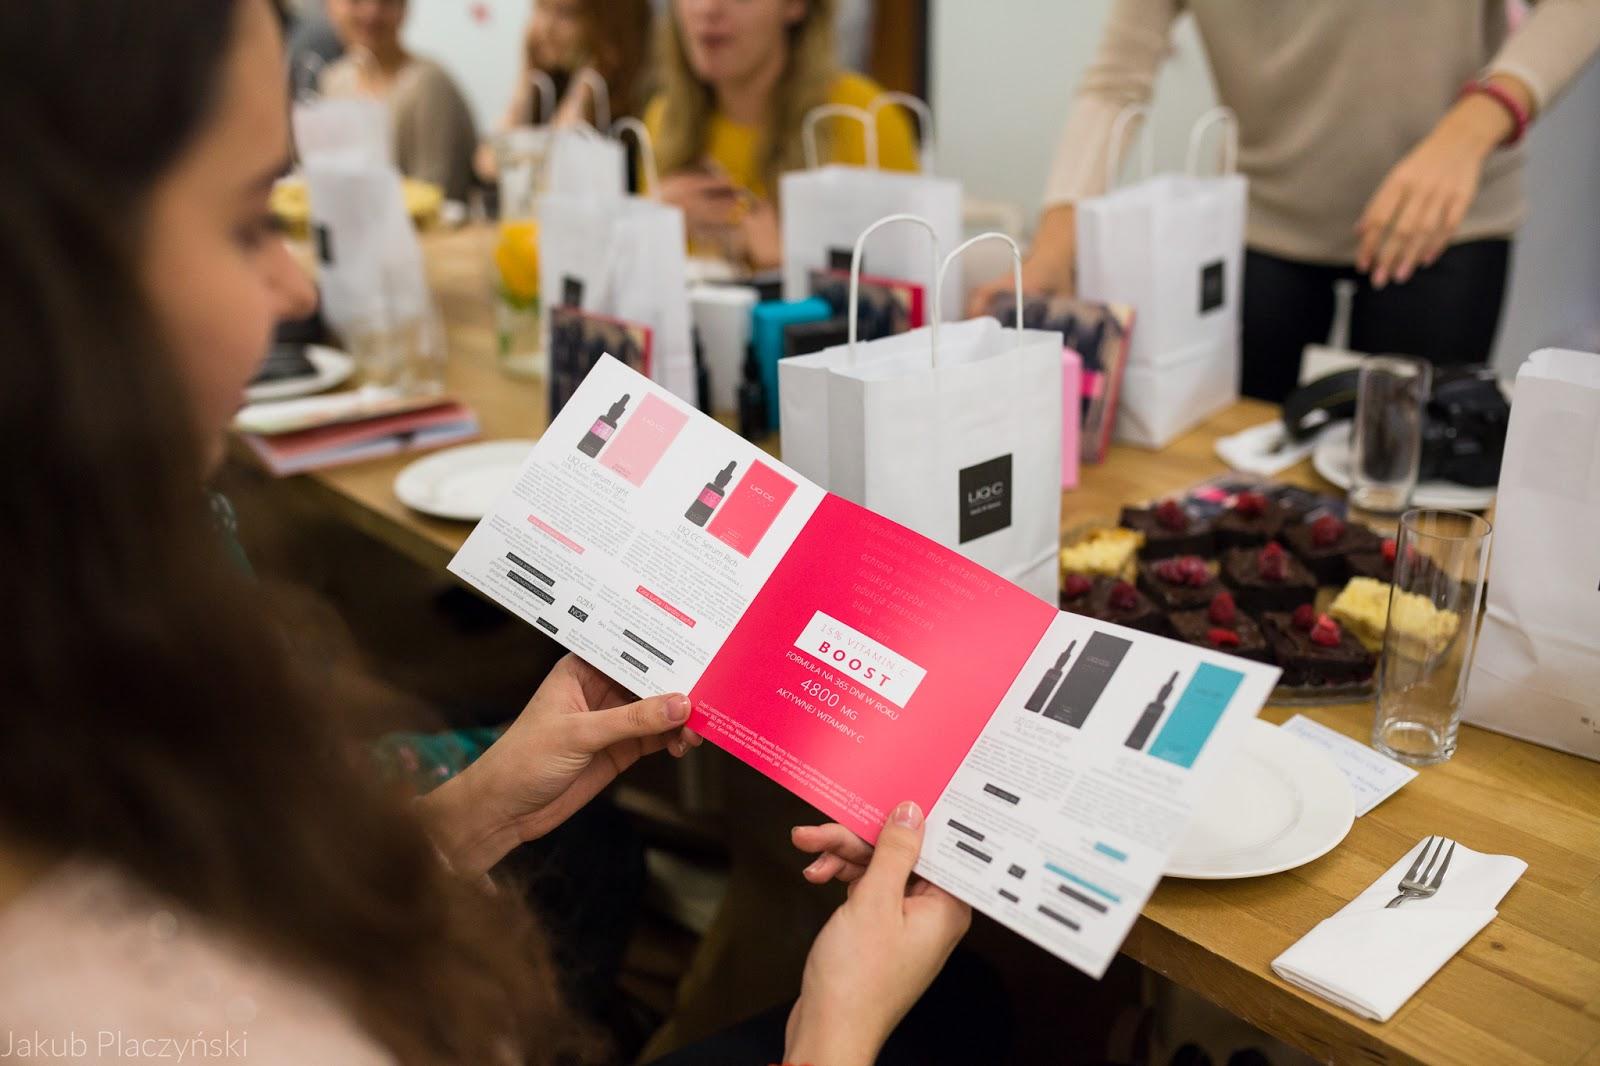 16 łodzkie blogerki spotkanie blogerek w łodzi blogerki lifestyle łódź blogerki kulinarne modowe urodowe z łodzi łódzkie spotkanie spotkajmy się w Łodzi III melodylaniella Jakub Placzyński fotograf